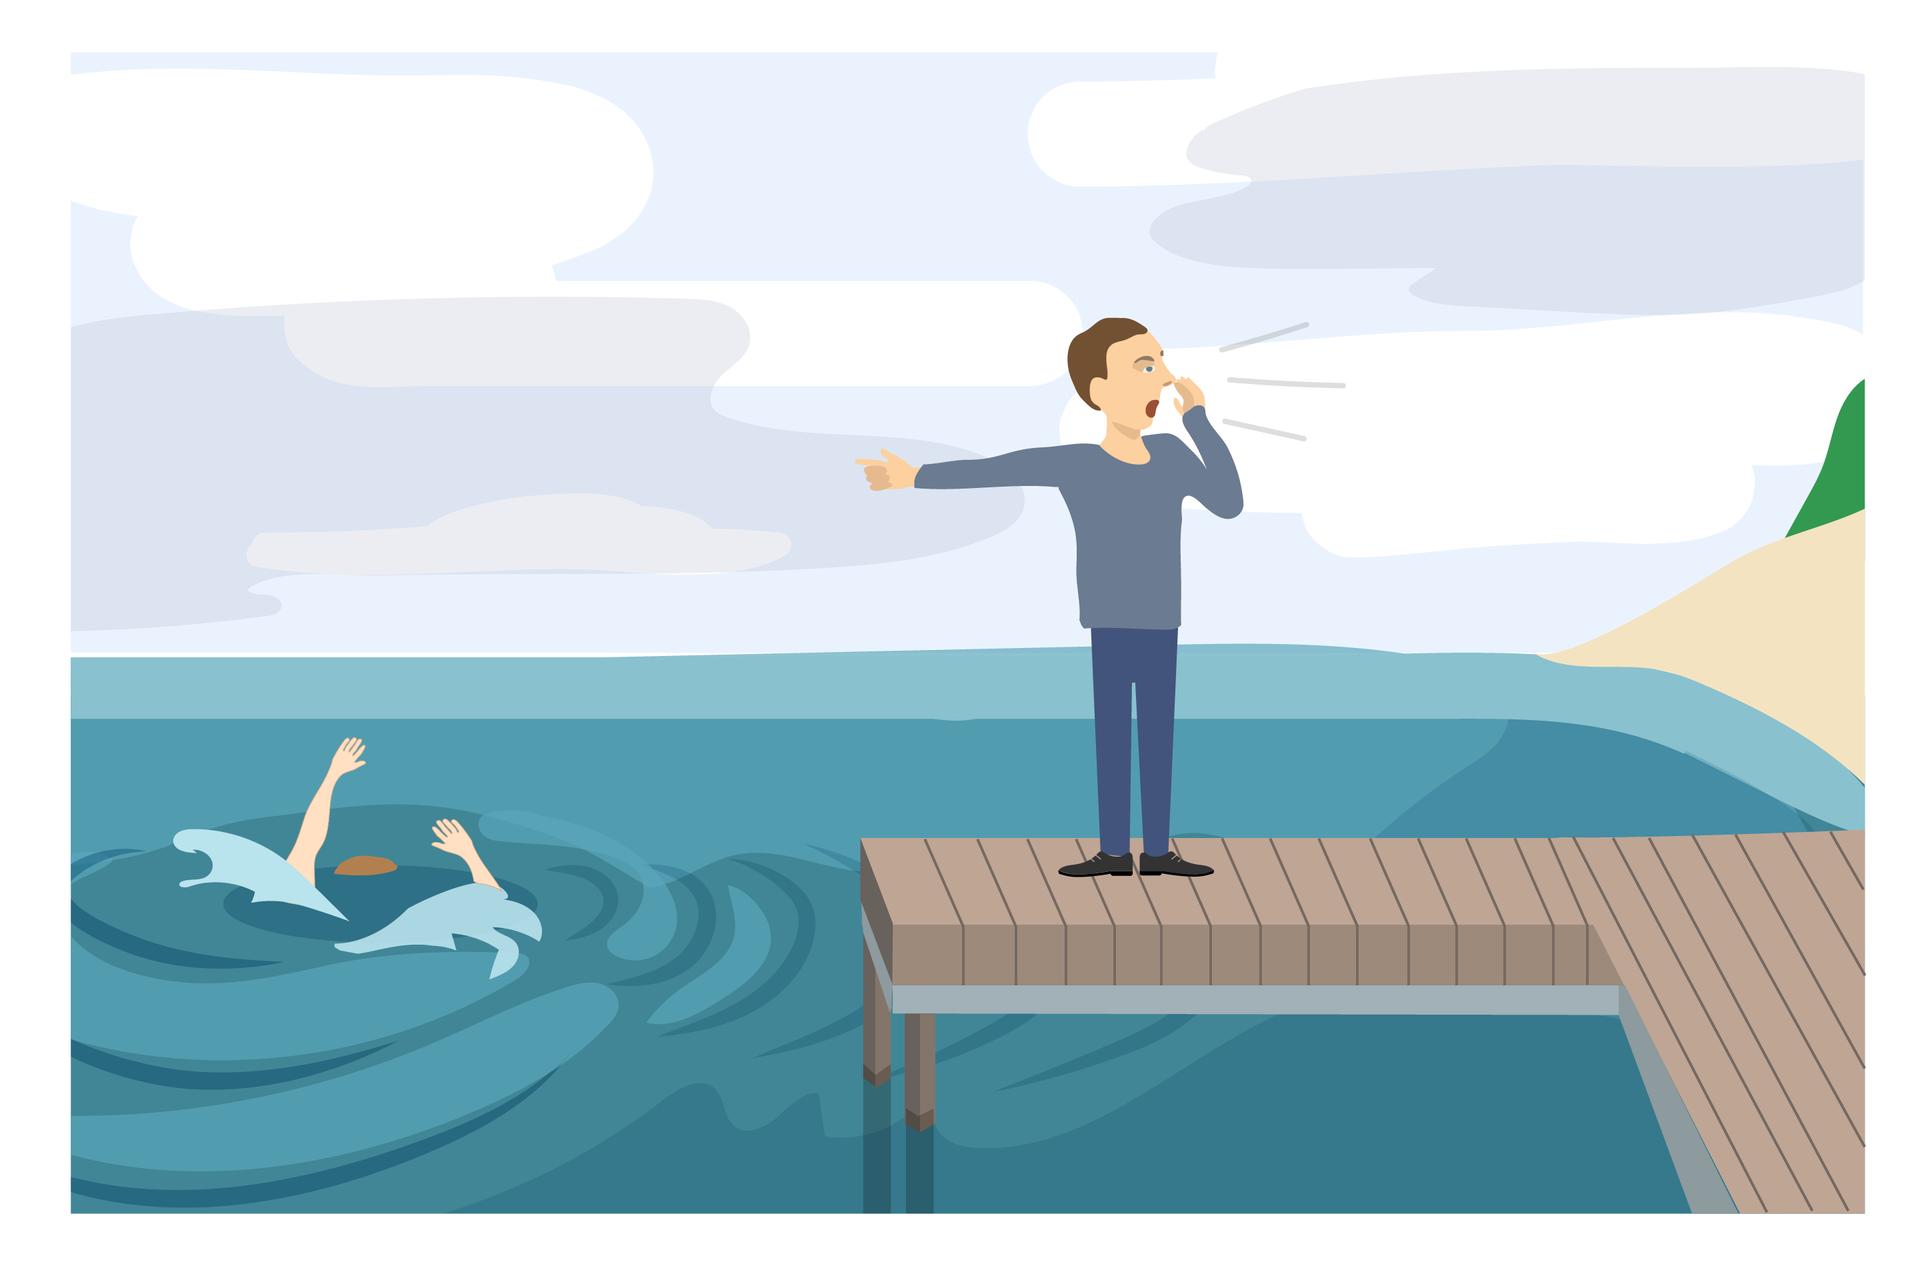 Galeria 1 składa się z7 ilustracji wkształcie prostokąta. Do każdej ilustracji dodany jest krótki opis. Ilustracja 1. przedstawia pomost nad wodą. Zjego prawej strony mieści się plaża. Zaś zlewej topi się człowiek. Na powierzchnię wody włosy wypływają wyprostowane ręce osoby tonącej. Na pomoście stoi mężczyzna skierowany wstronę plaży. Lewą ręką wskazuje na tonącego. Prawą trzyma przy ustach. Mężczyzna krzyczy. Instrukcja do ilustracji: wołaj opomoc ijednocześnie rozmawiaj ztonącym.